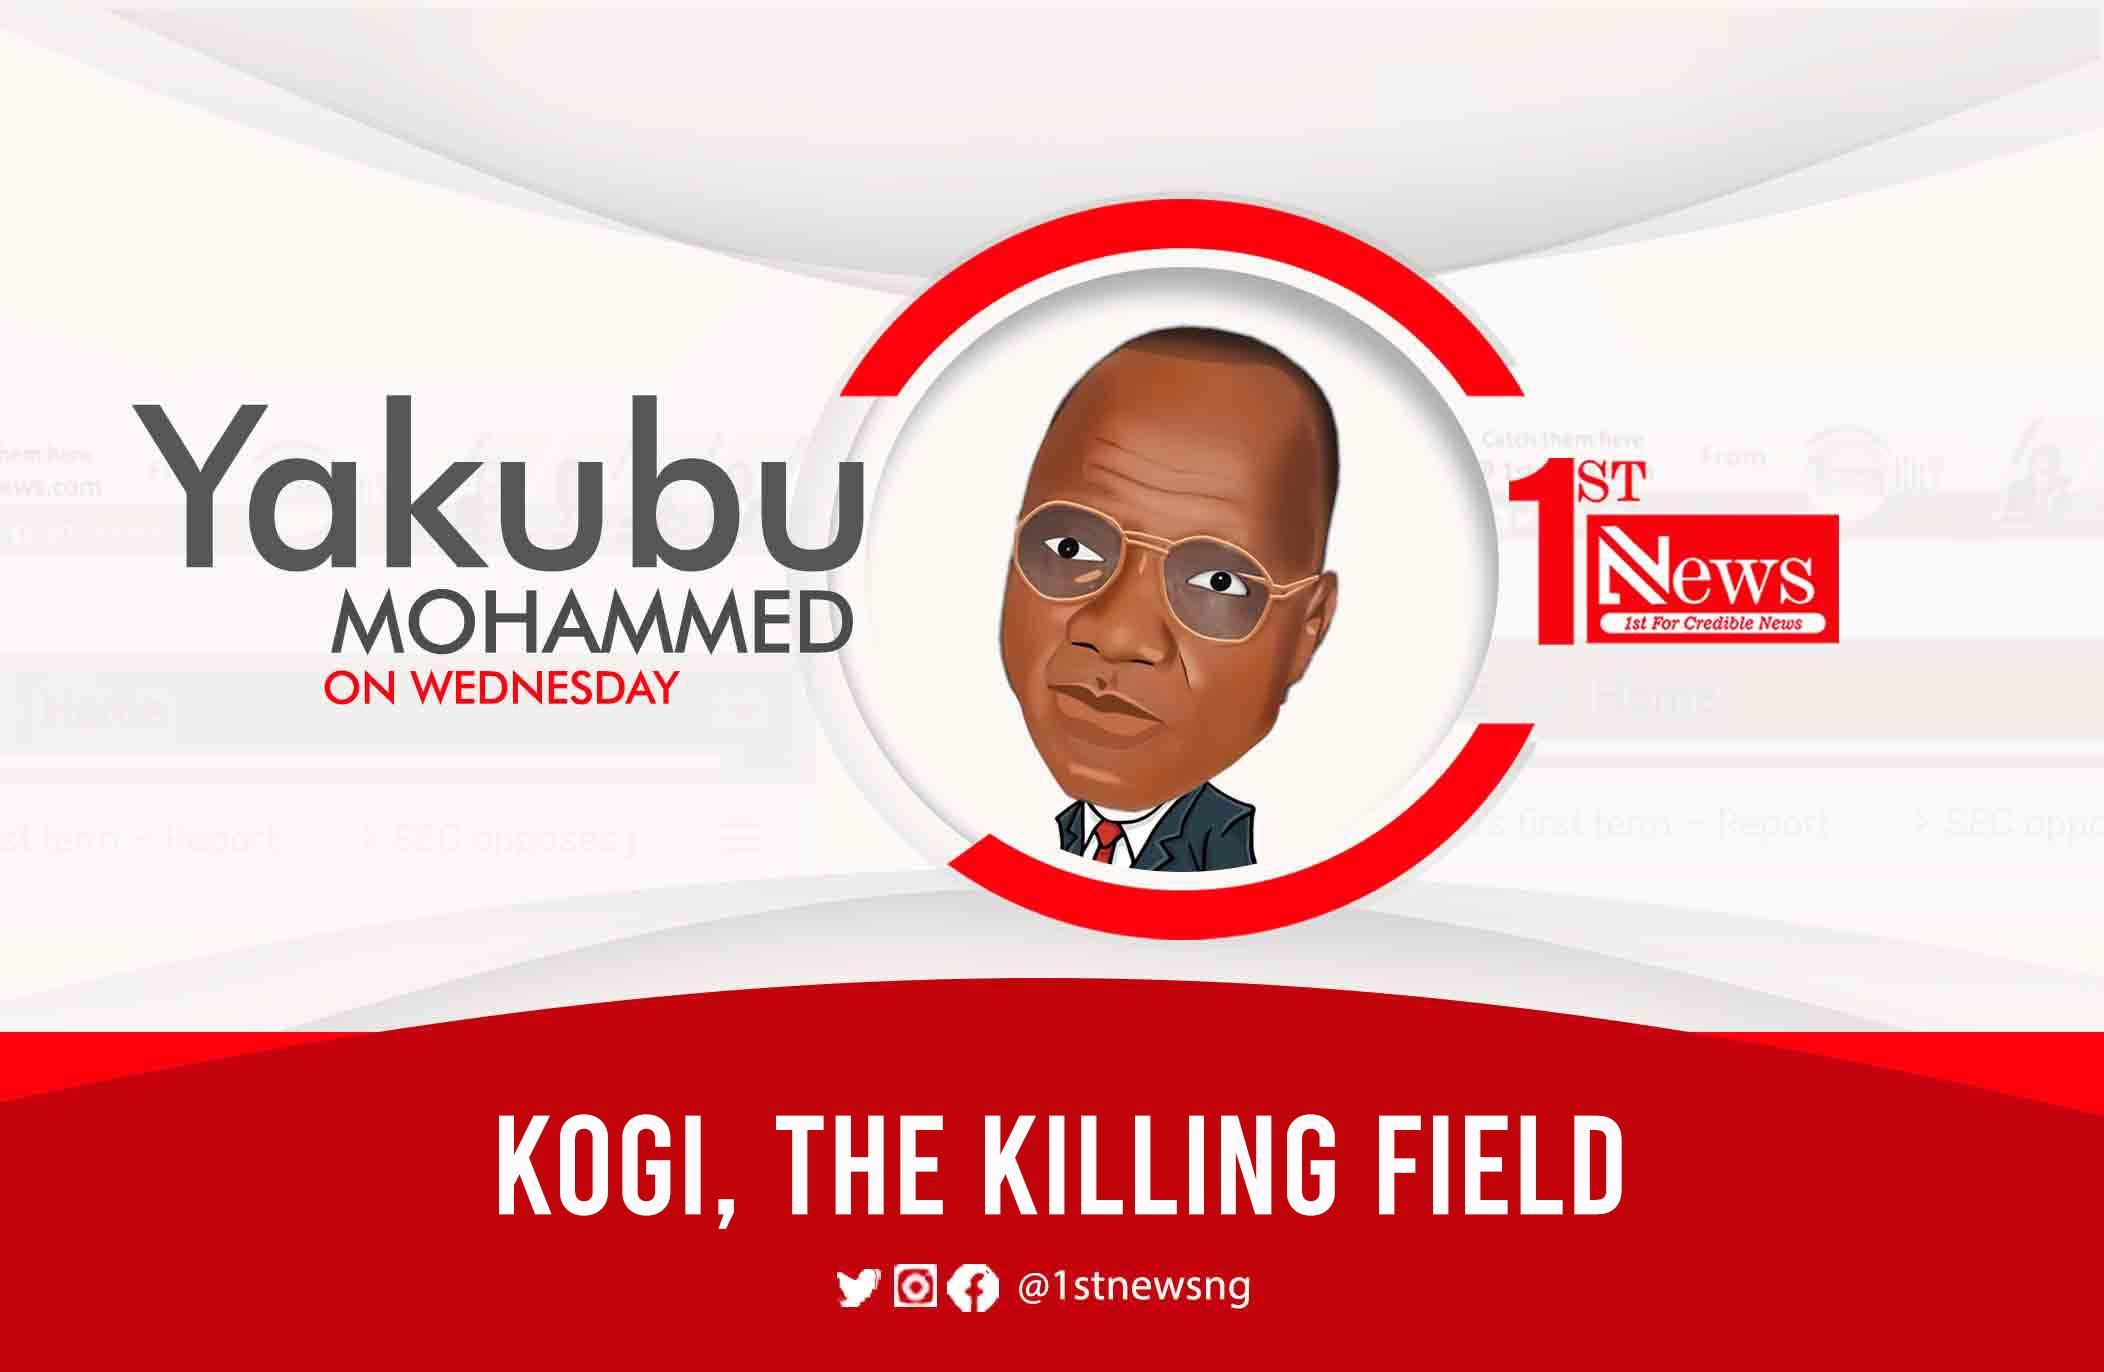 Kogi, the killing field – Yakubu Mohammed